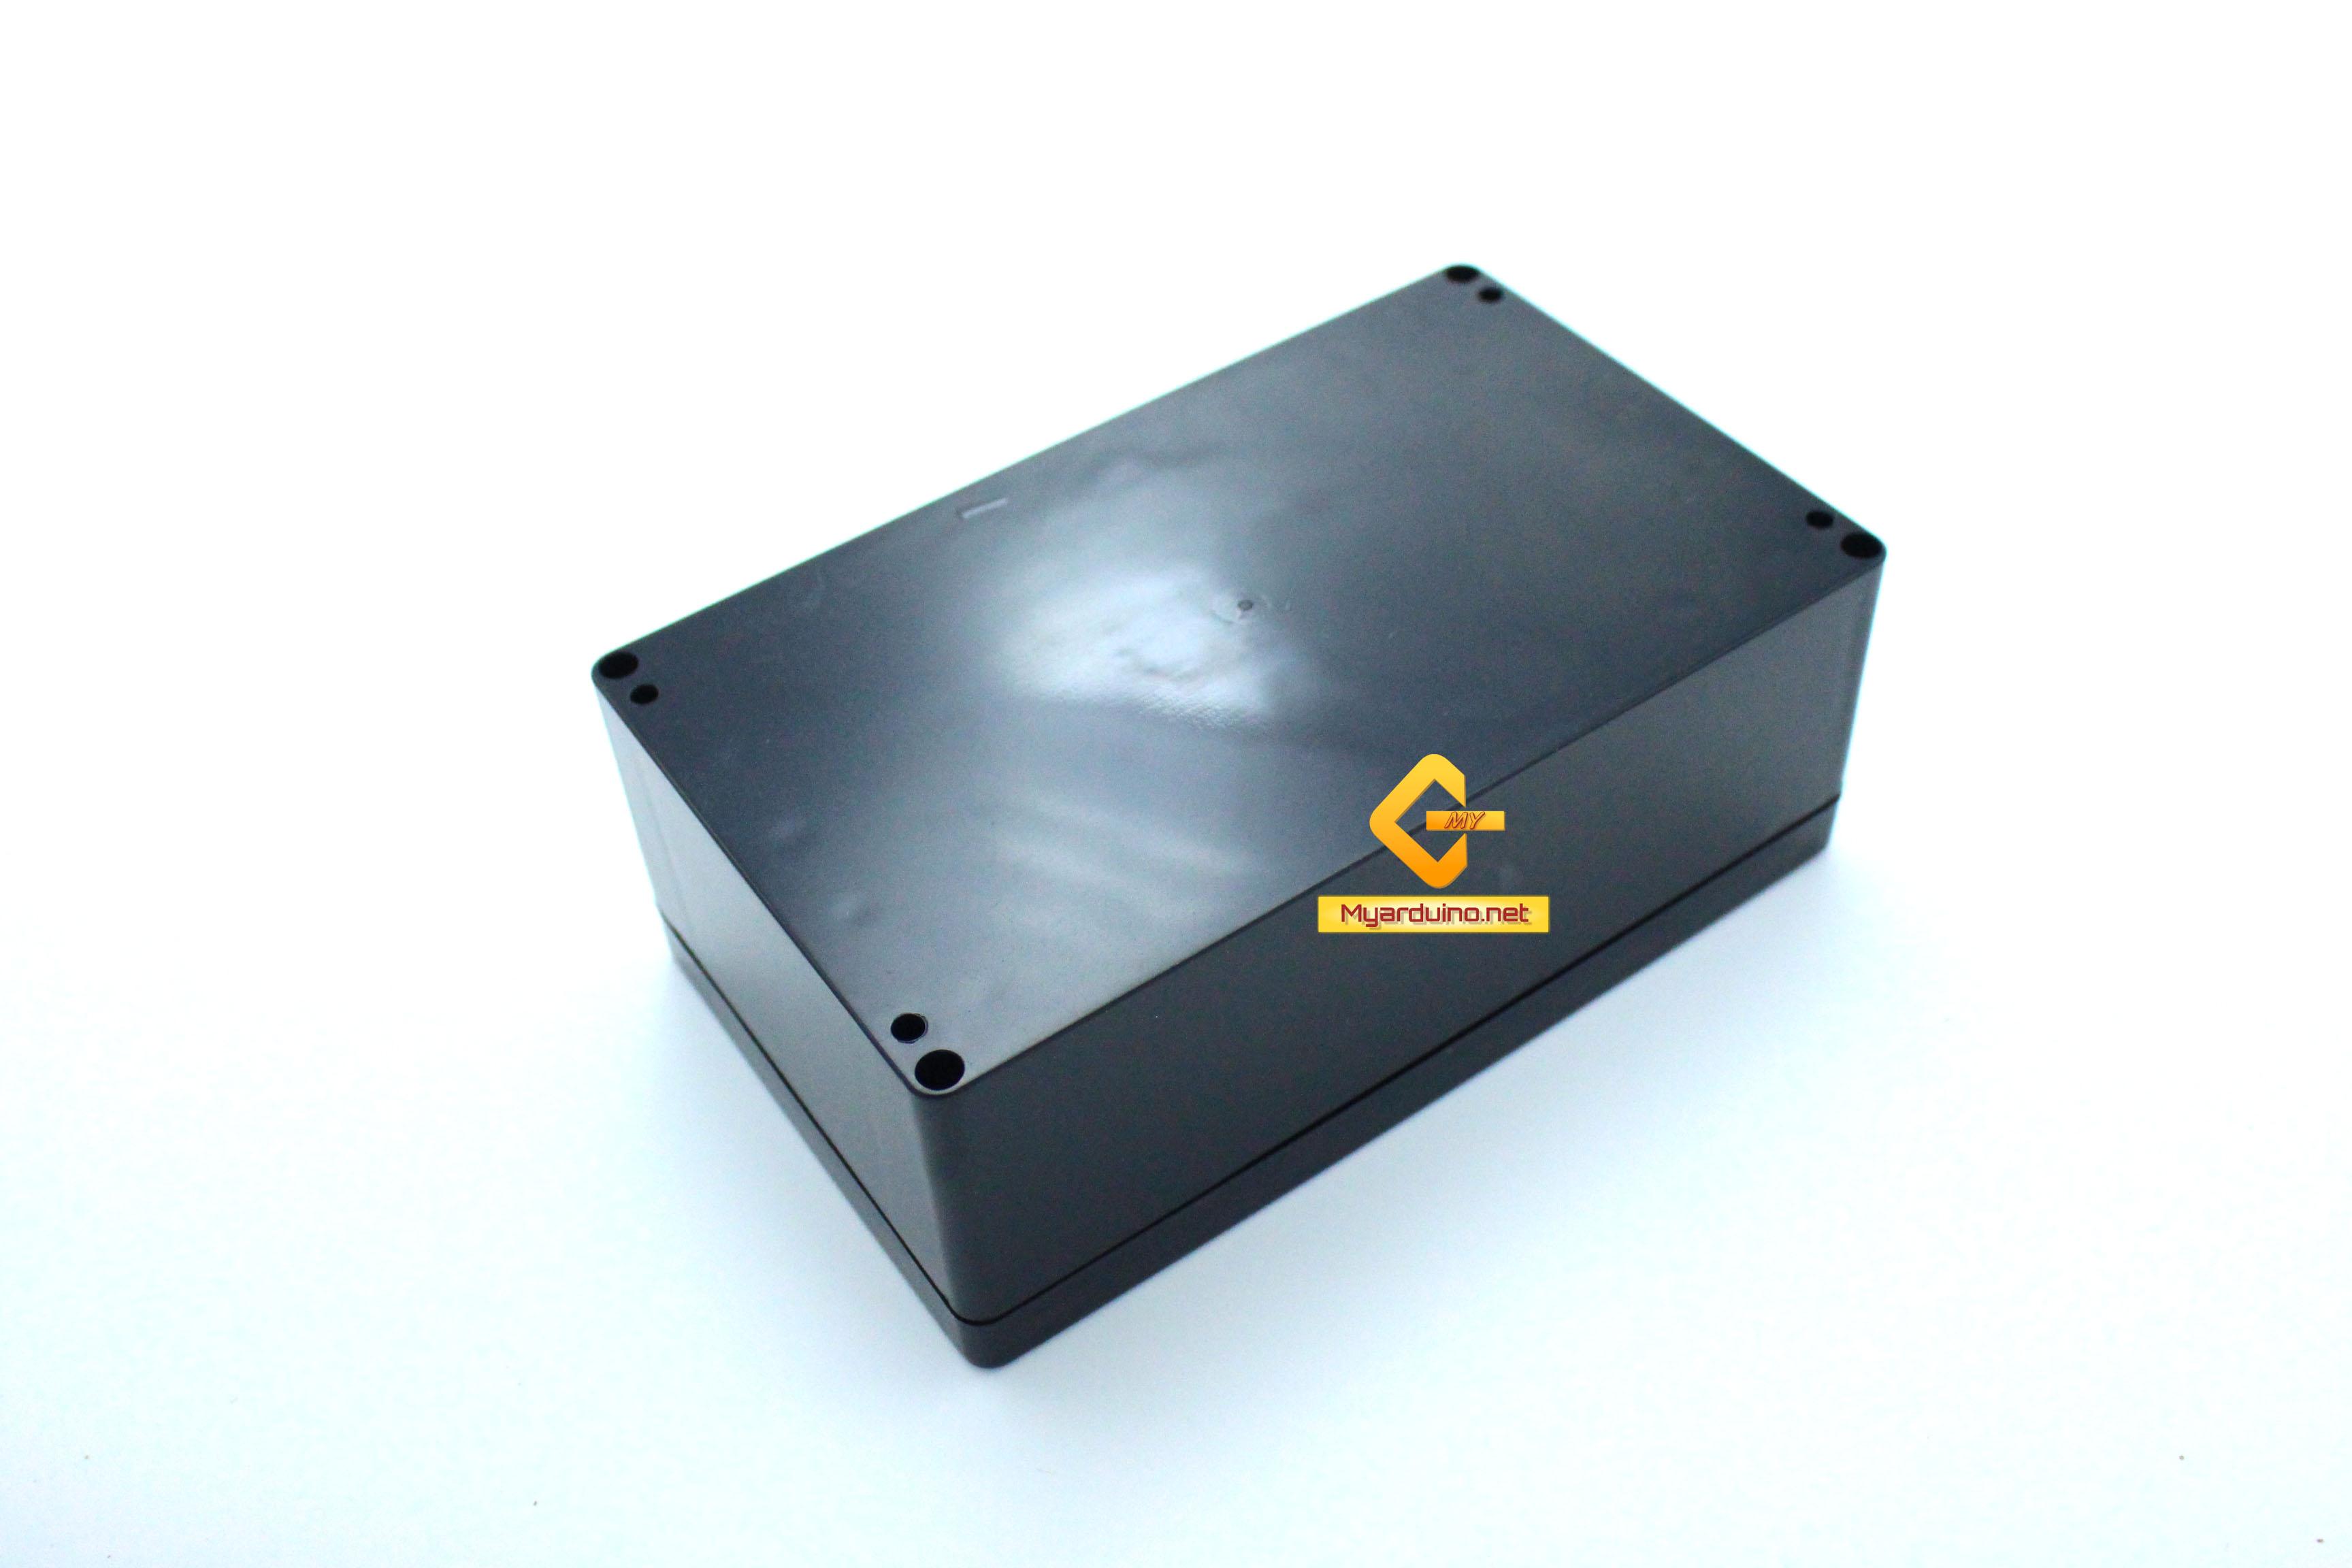 กล่องอิเล็กทรอนิกส์ อเนกประสงค์ กันน้ำ สีดำ 200*120*75mm